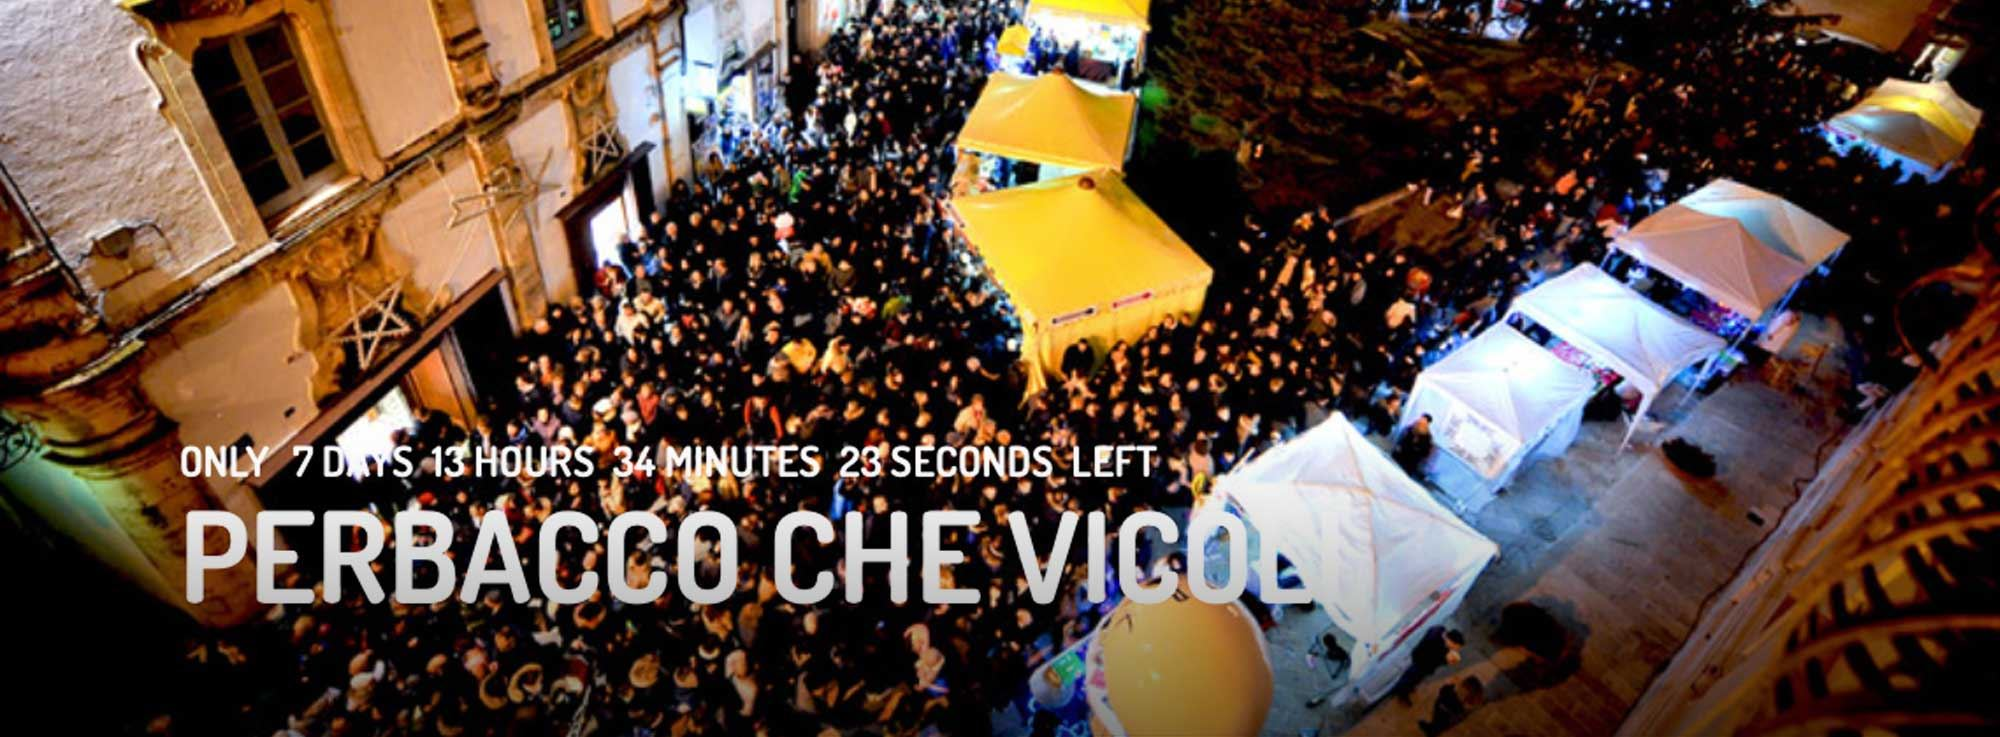 Martina Franca: PerBacco che Vicoli